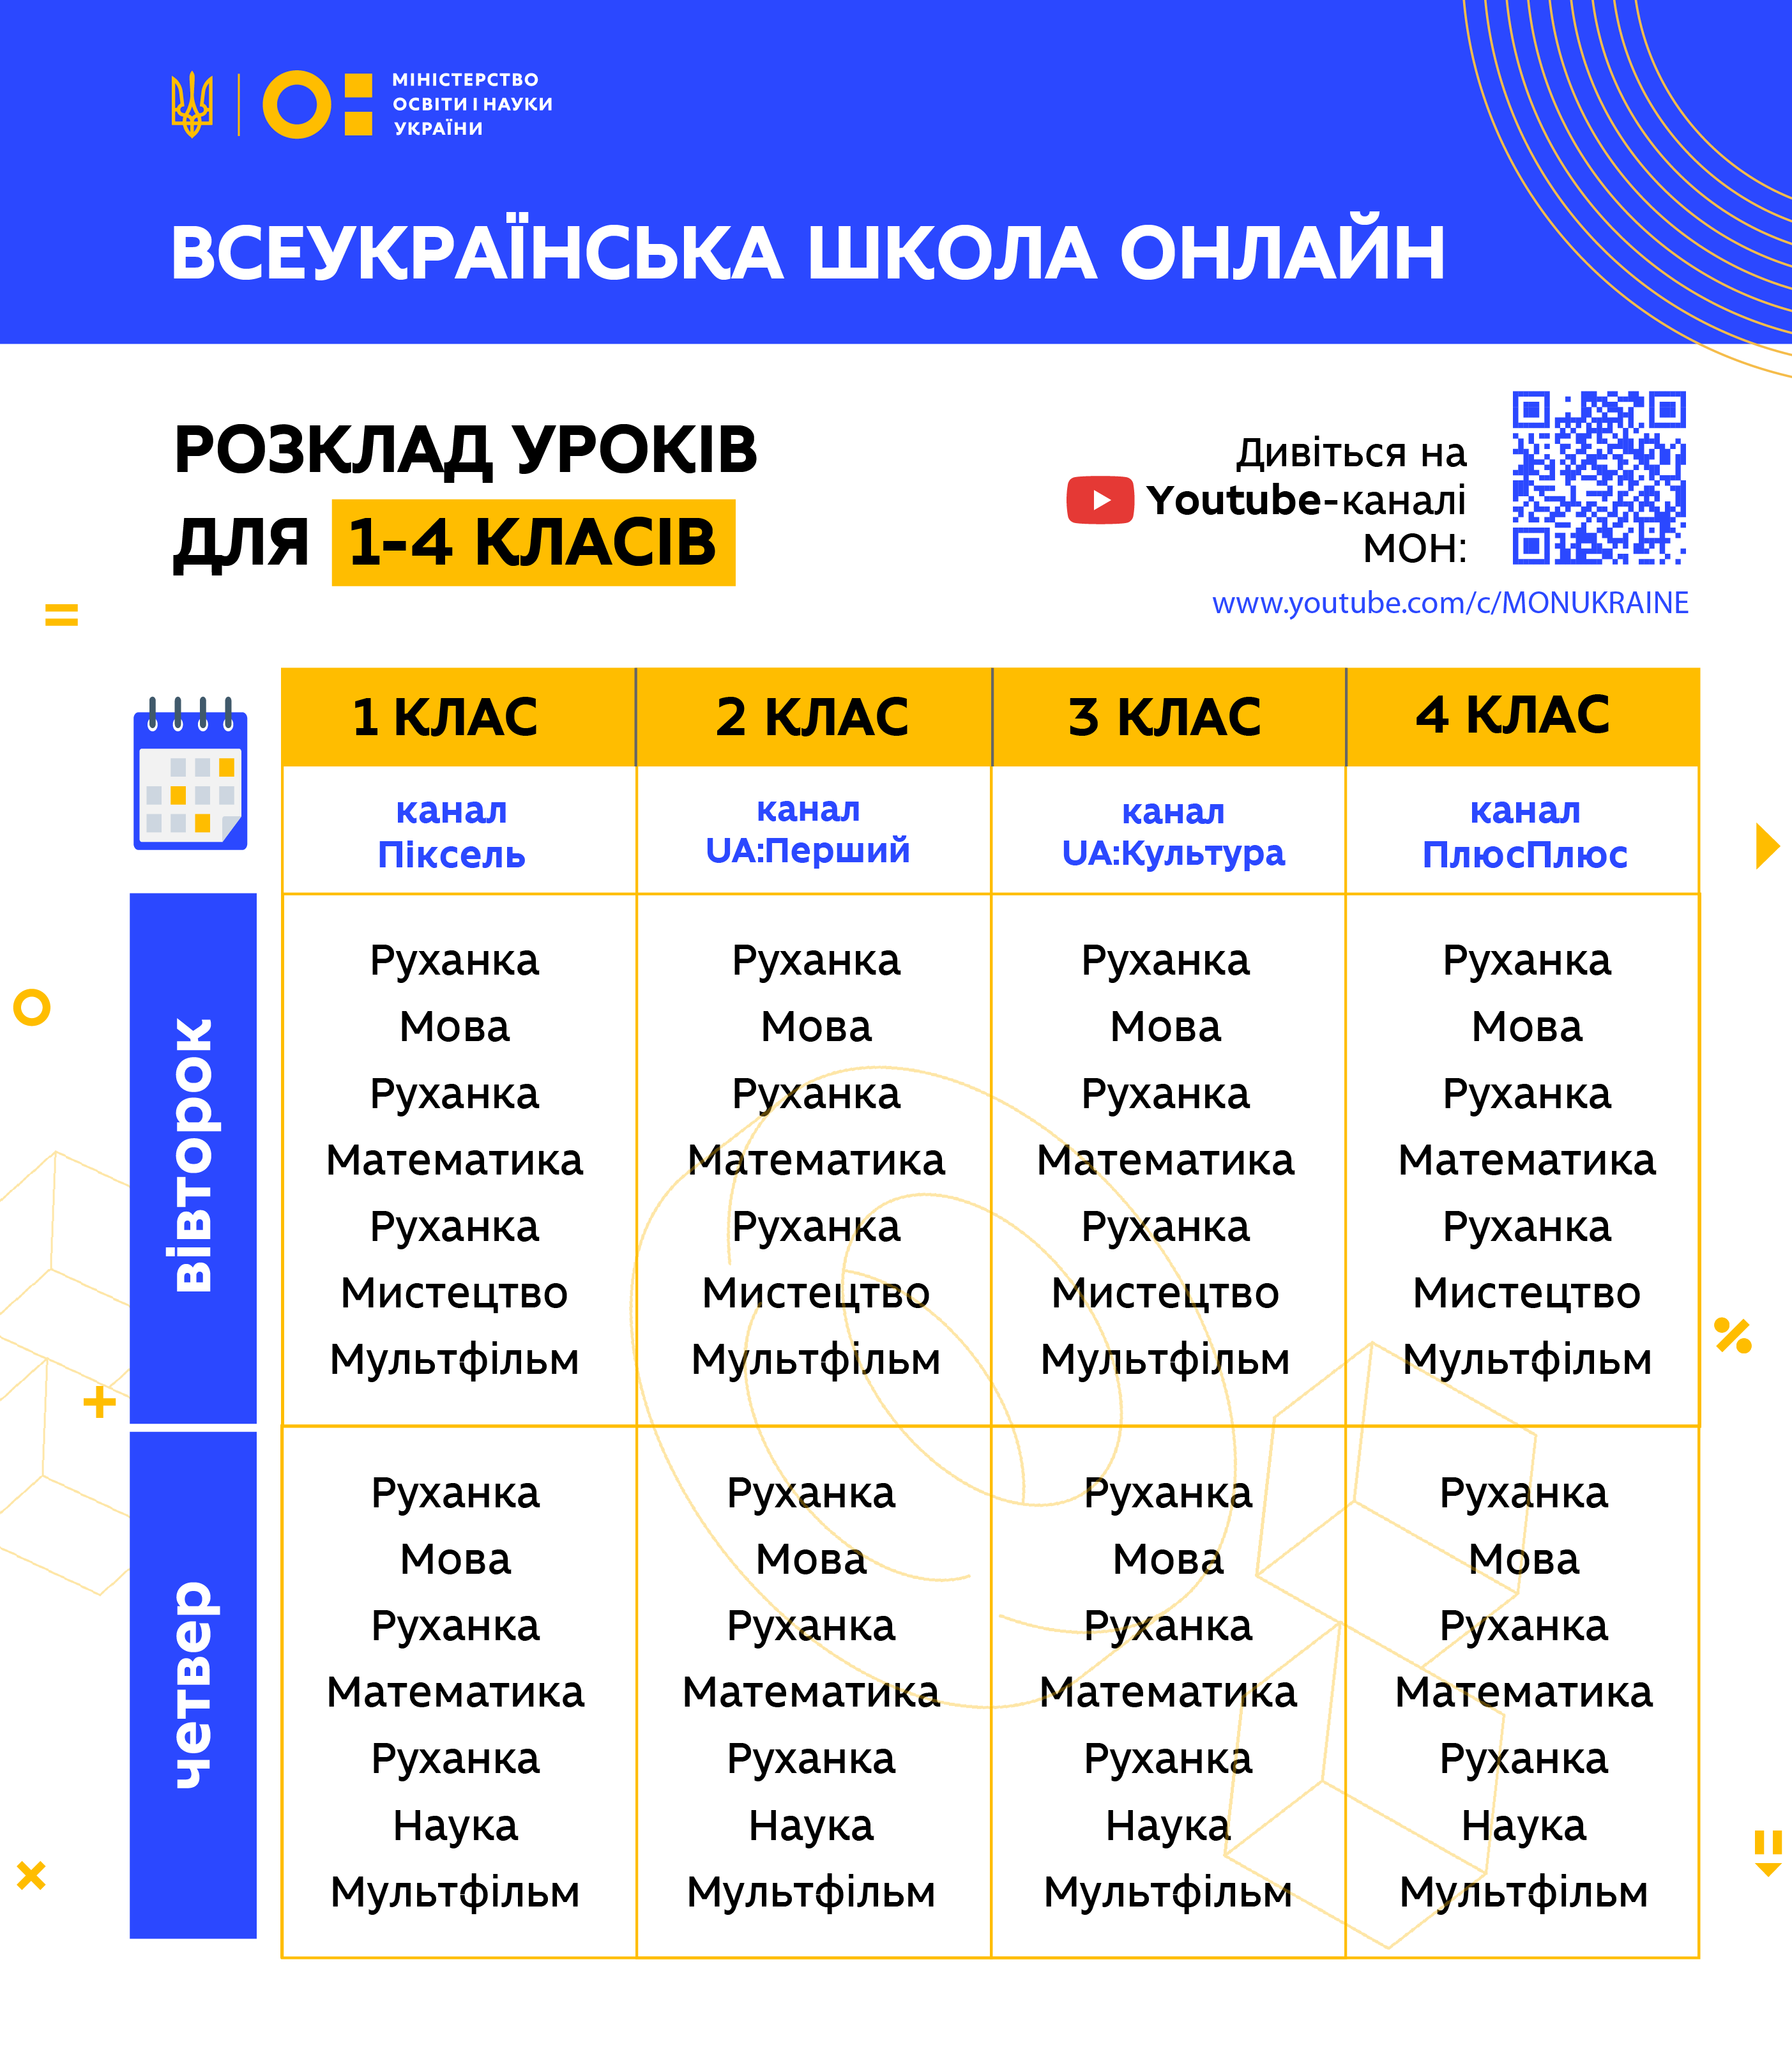 Уроки для 1-4 класів в межах Всеукраїнської школи онлайн: розклад уроків з темами, корисні посилання на  YouTube МОН та доступність